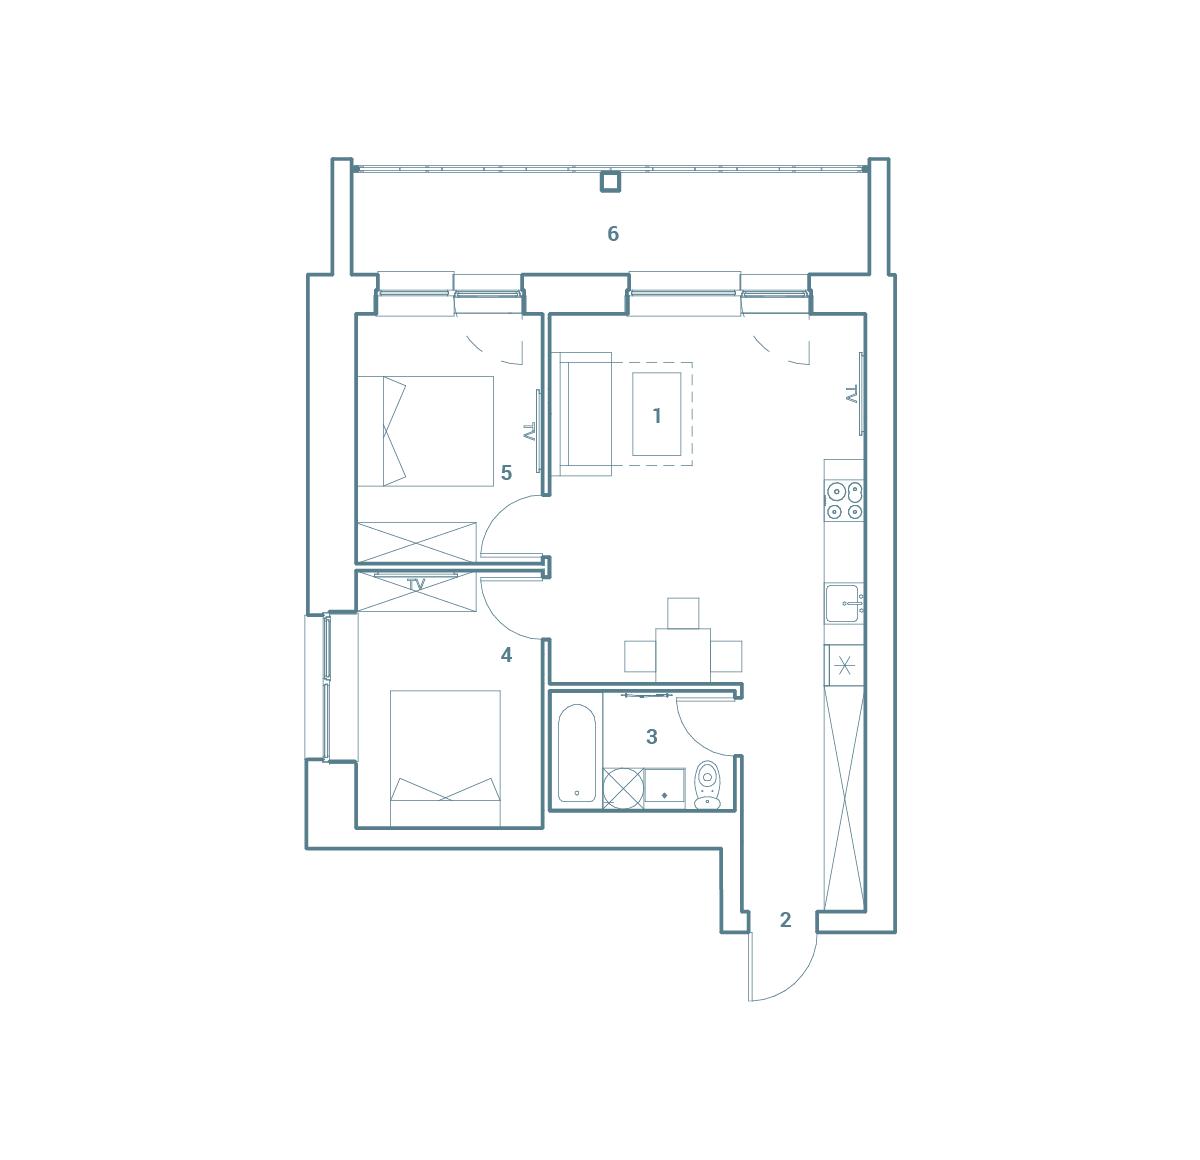 parduodamas butas Lazdynėlių g. 16B - 3  Vilniuje, buto 2D vaizdas